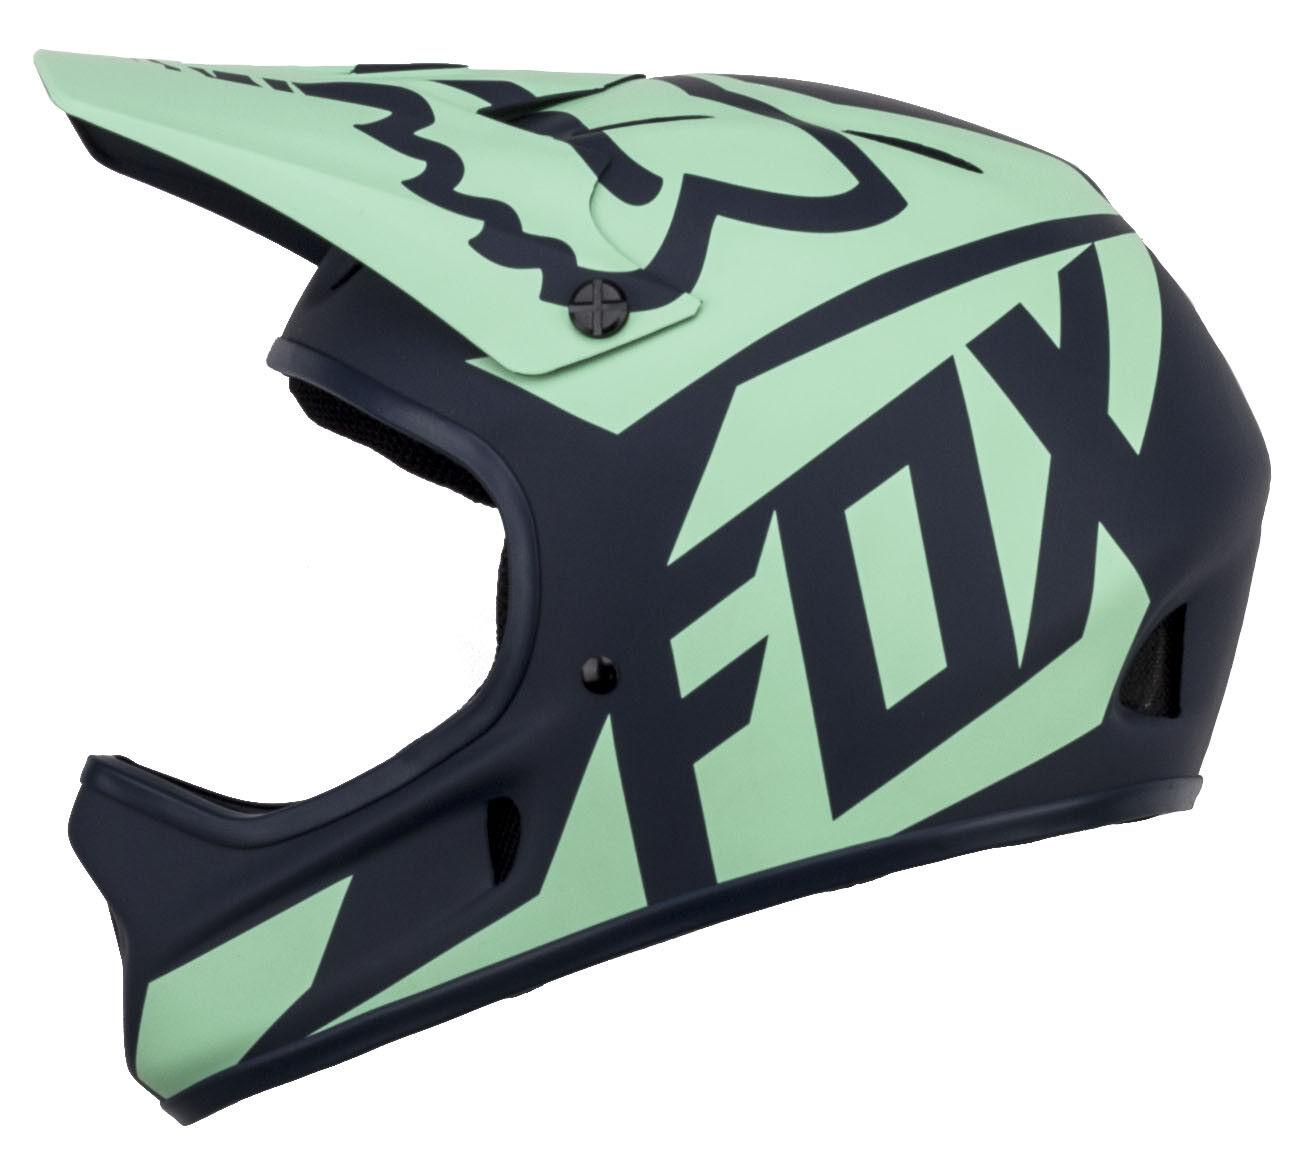 CASCO FOX MTB RAMPAGE RACE NAVY/LIGHT blu ULTIMA TAGLIA L